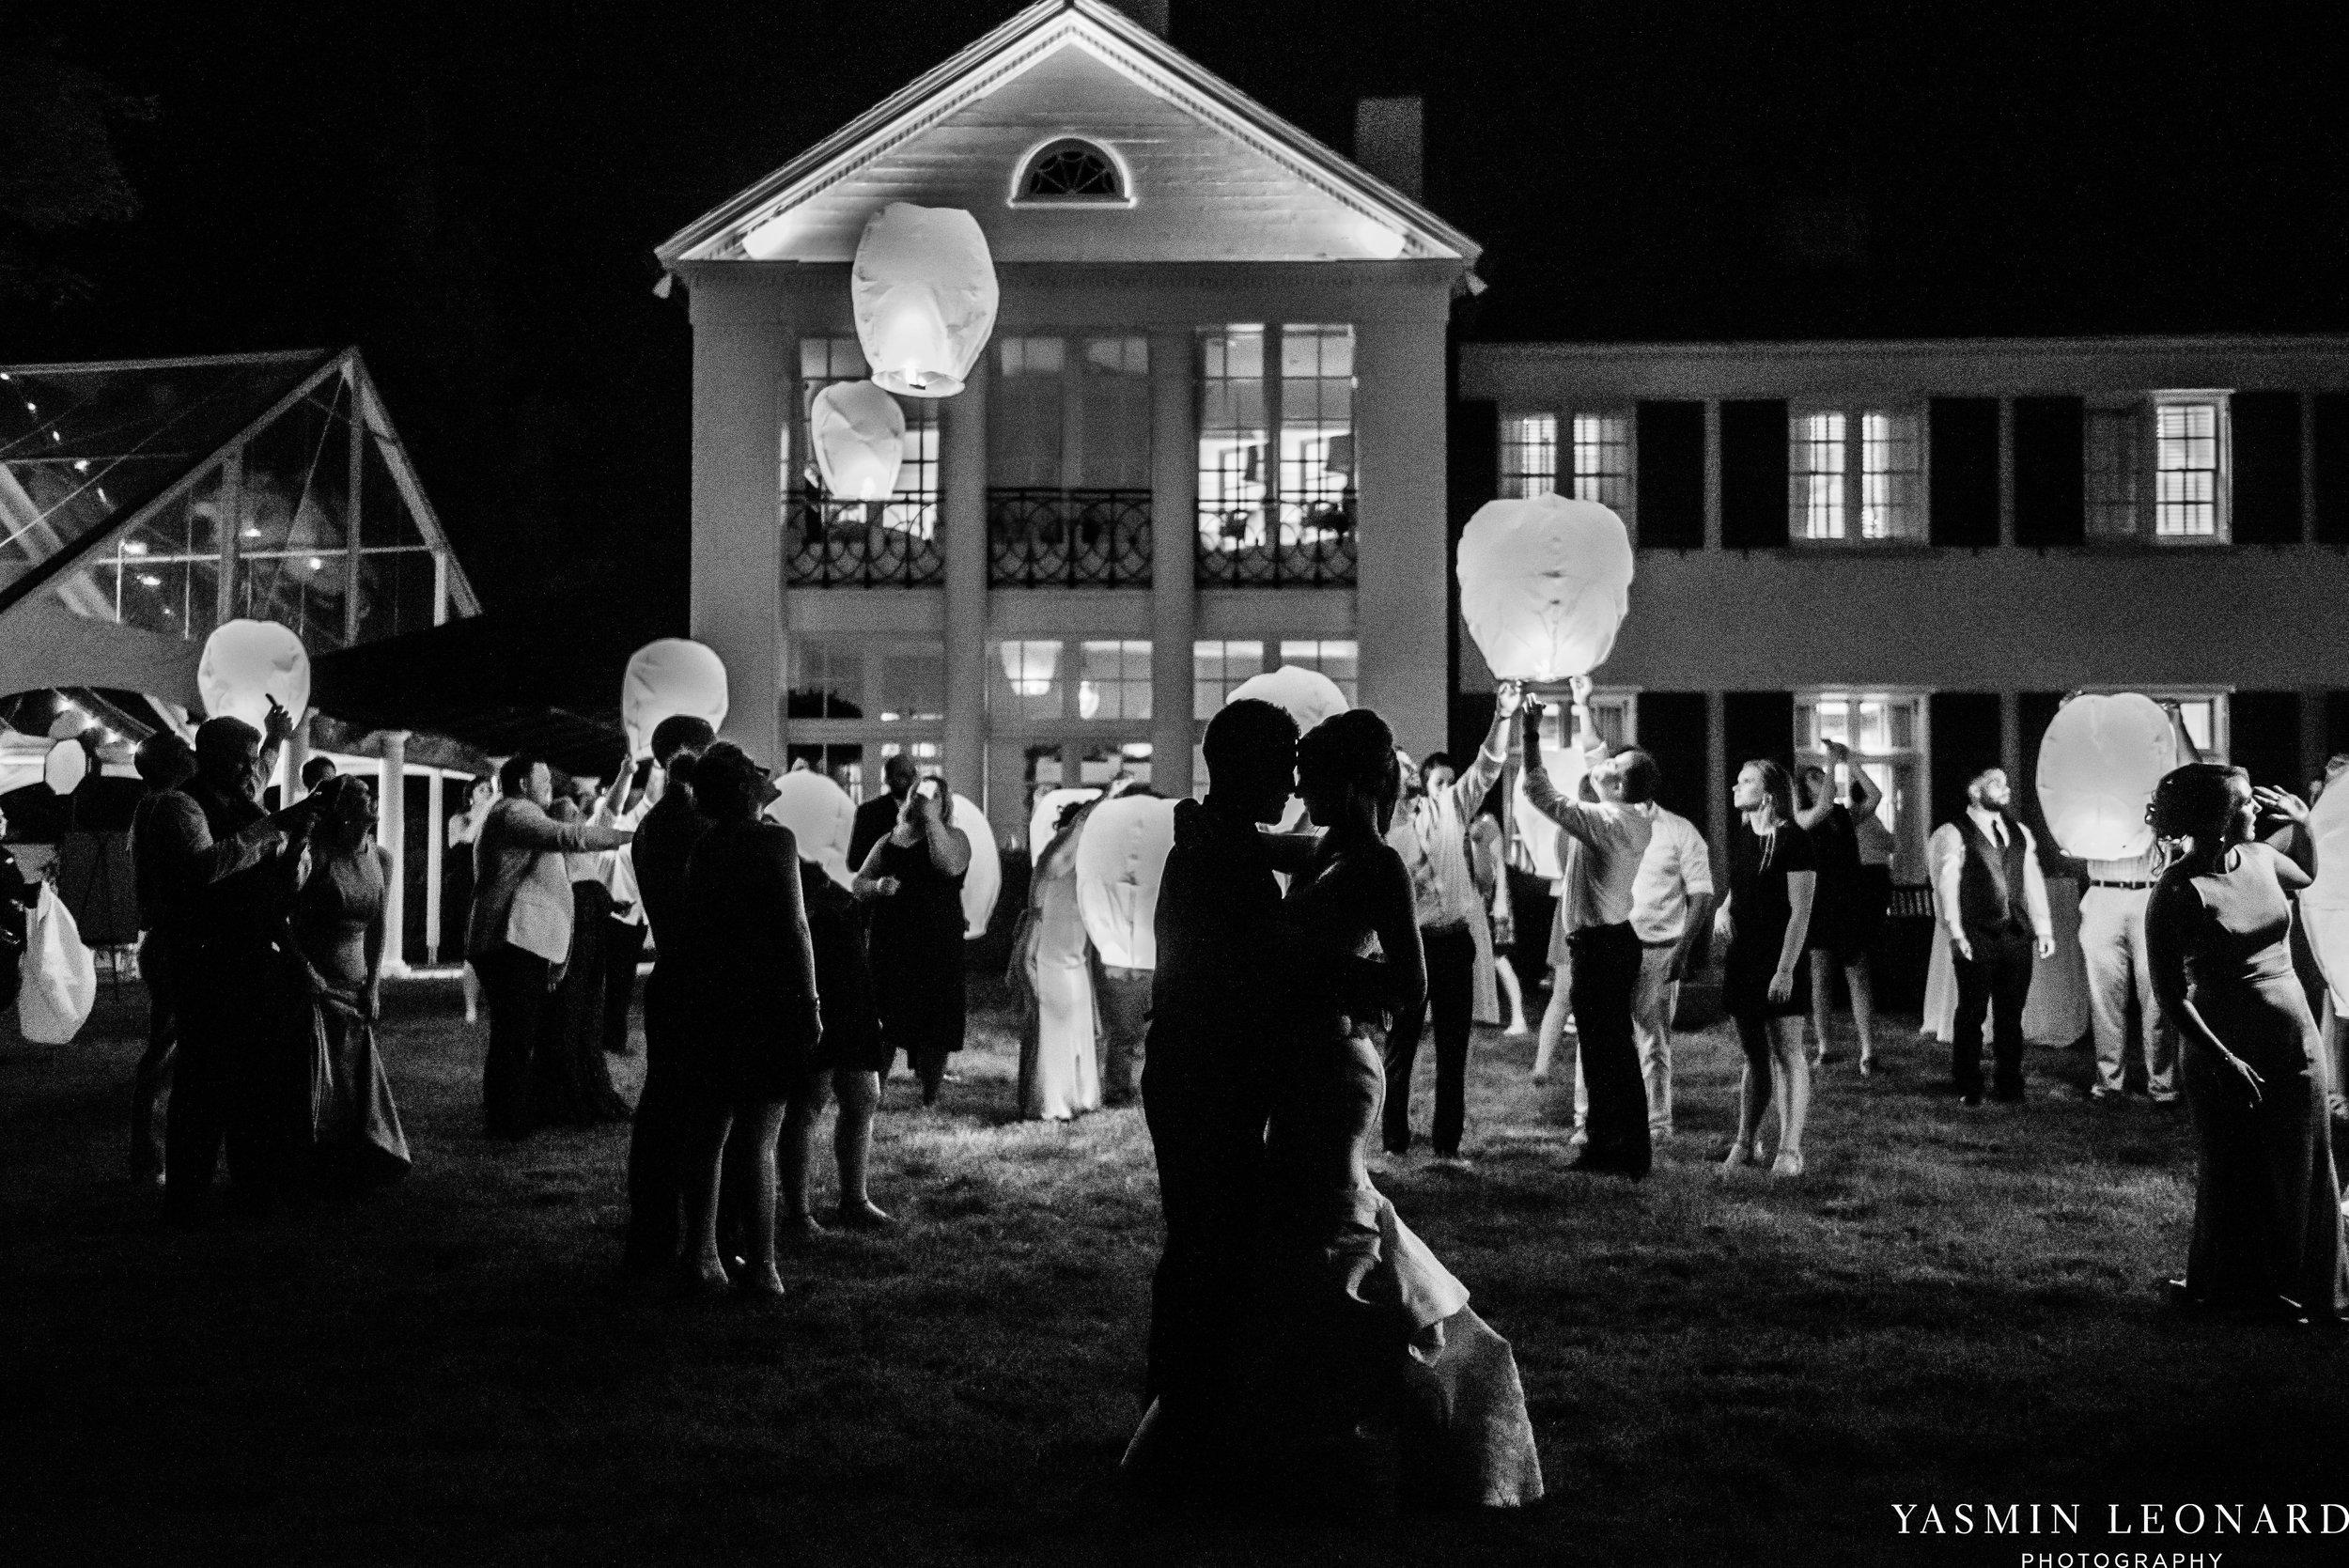 Boxwood Estate - Boxwood Estate Wedding - Luxury Wedding - Black and White Wedding - NC Wedding Venues - NC Weddings - NC Photographer - Lantern Release Grand Exit - Large Wedding Party - Yasmin Leonard Photography-95.jpg